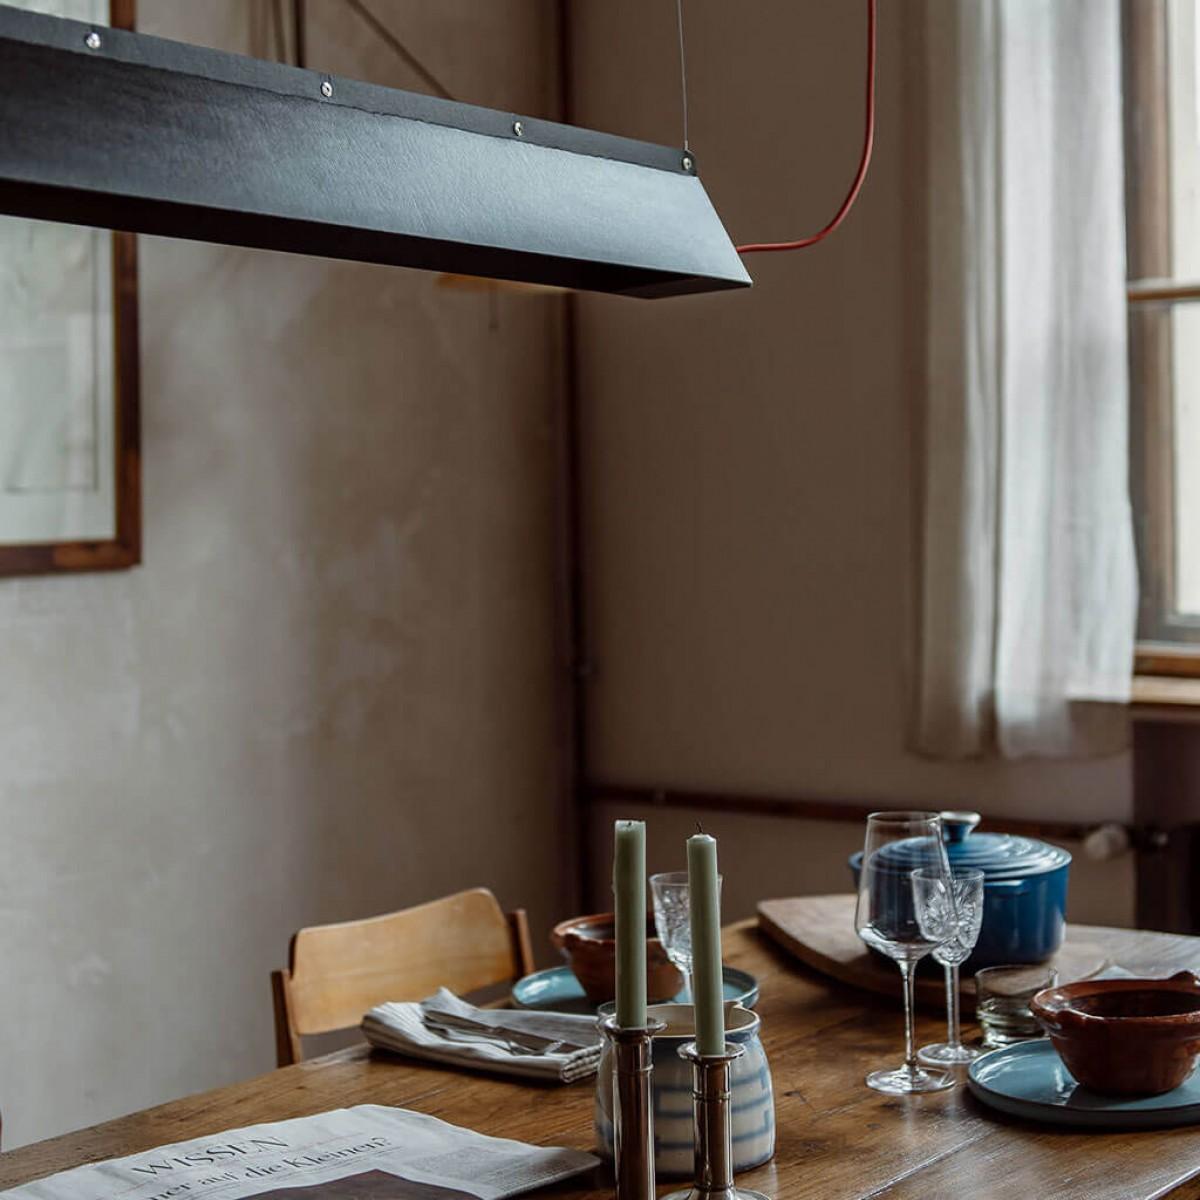 Hängeleuchte | Lampe | ROOM IN A BOX (Leuchtmittel kaltweiß)